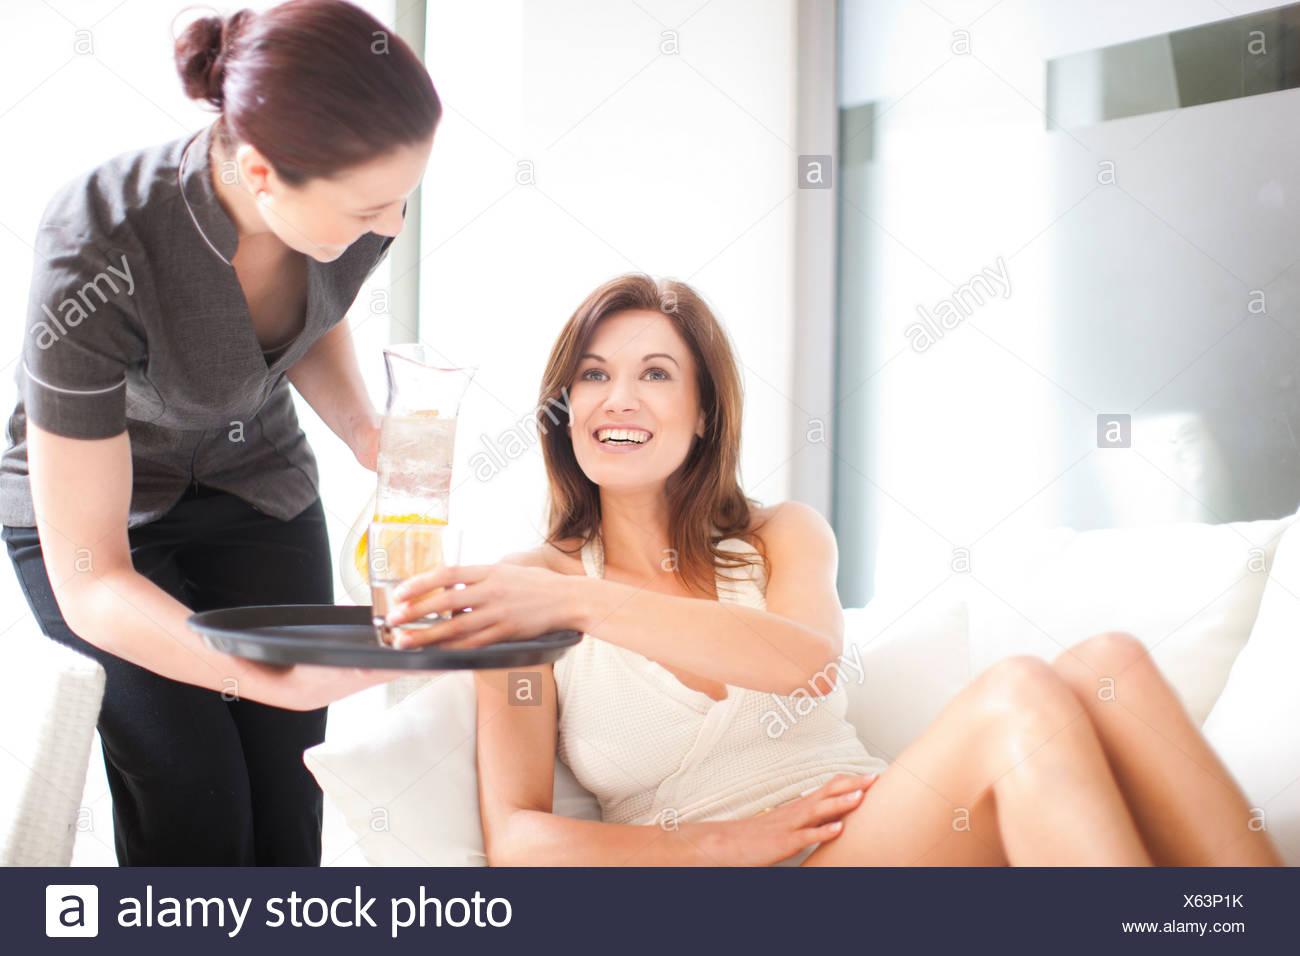 Trabajador de servicio vertiendo refresco para mujer piscina. Imagen De Stock